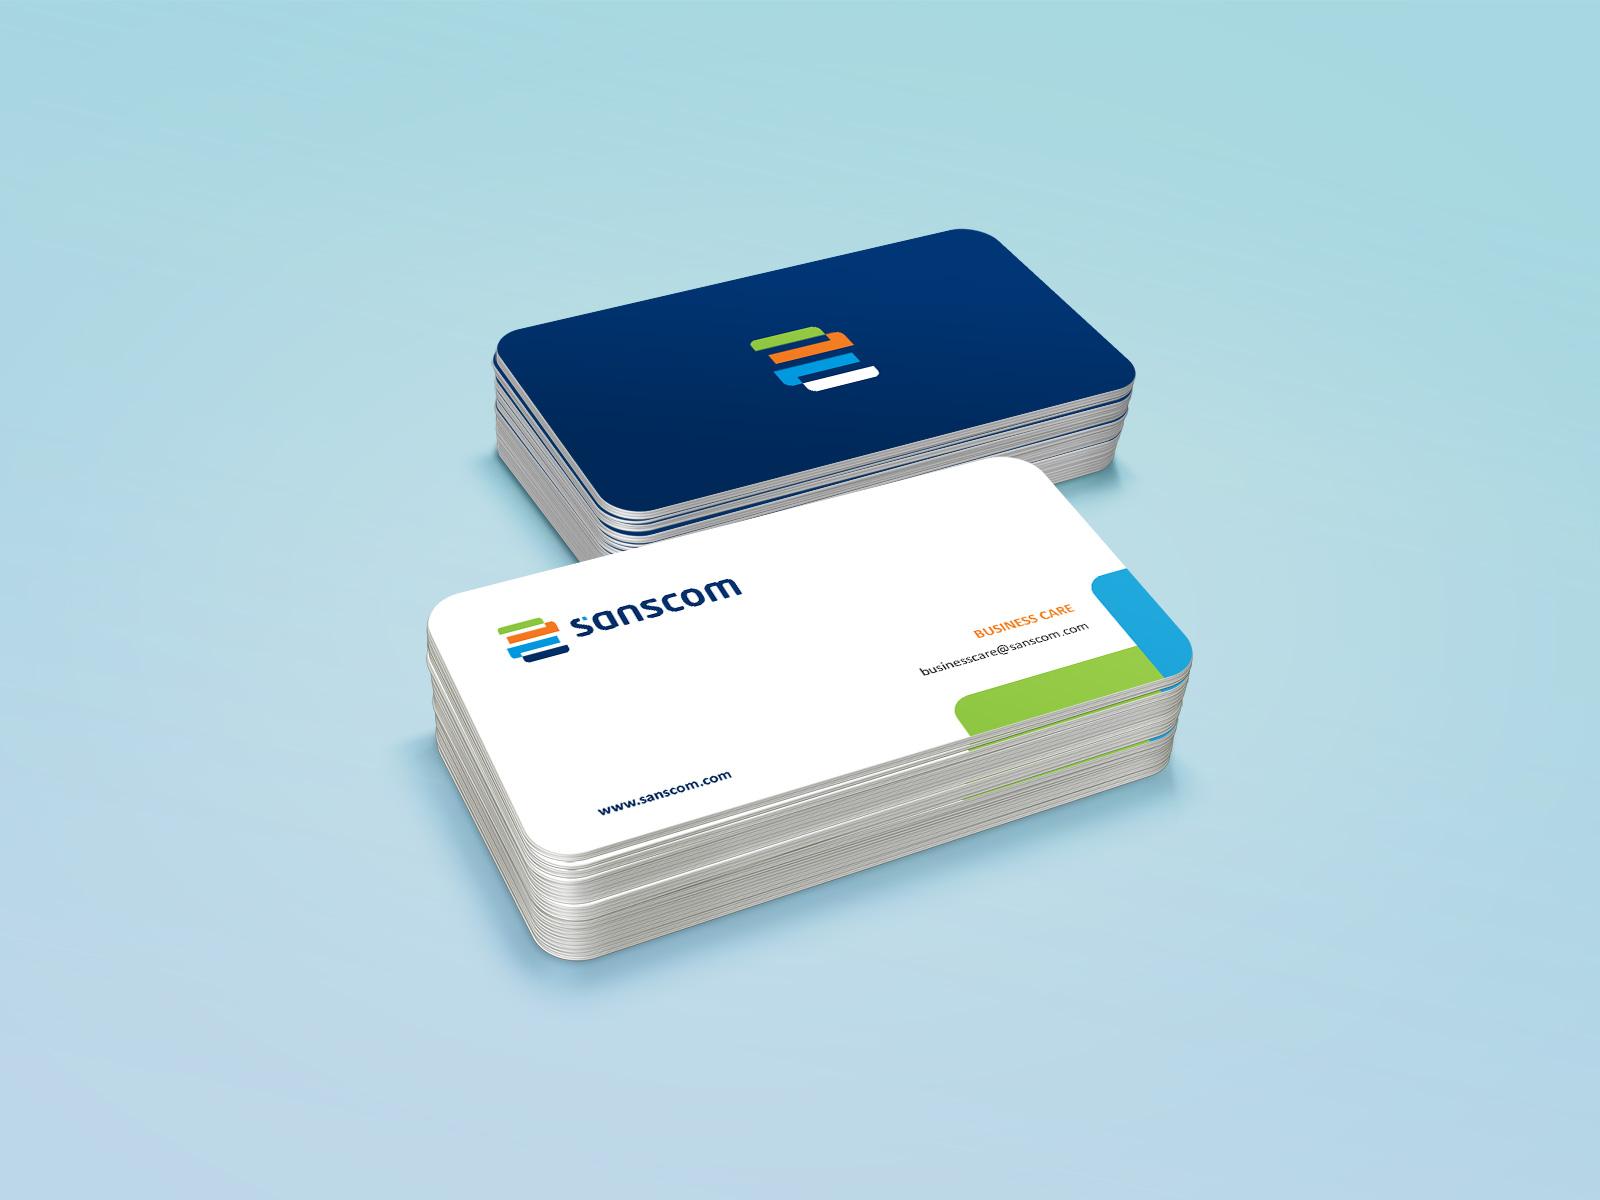 Sanscom business cards